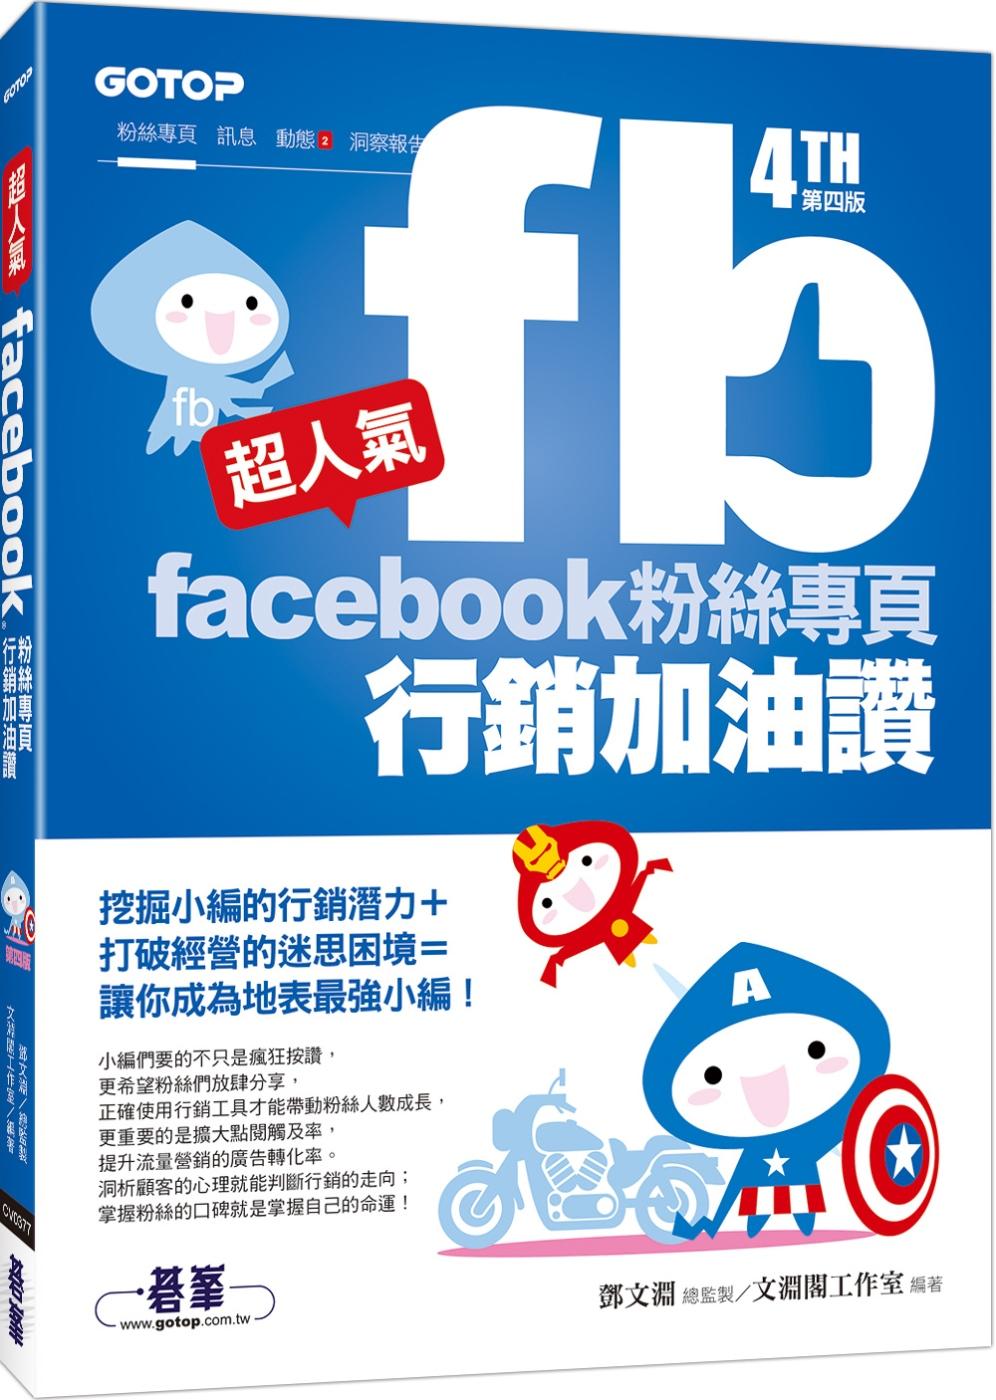 超人氣Facebook粉絲專頁行銷加油讚 (第四版):挖掘小編的行銷潛力+ 打破經營的迷思困境= 讓你成為地表最強小編!